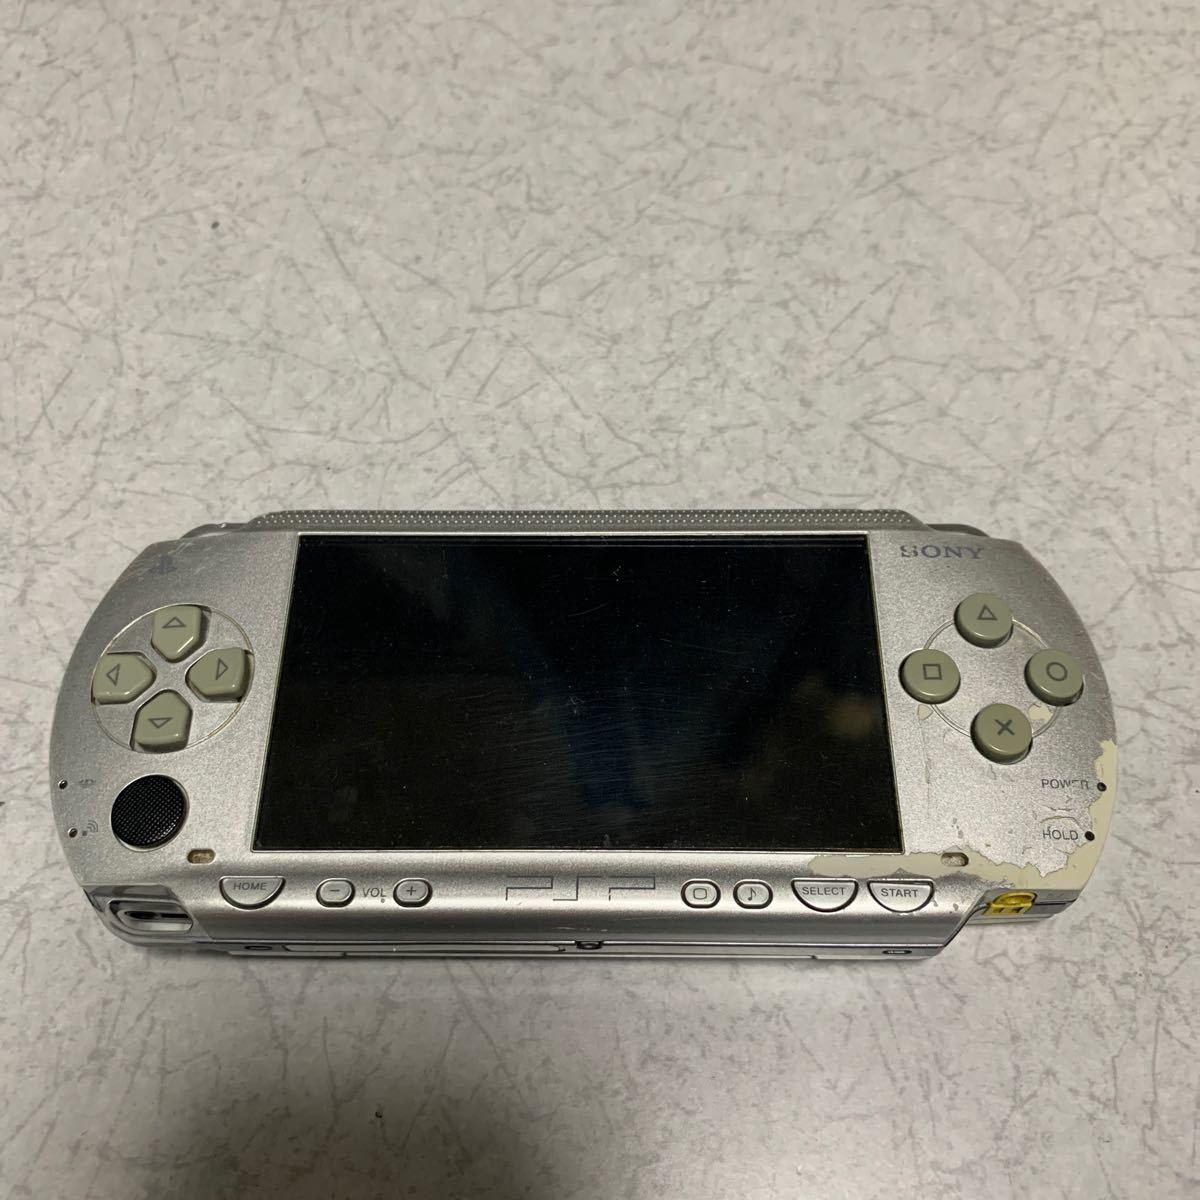 SONY PSP-1000 シルバー